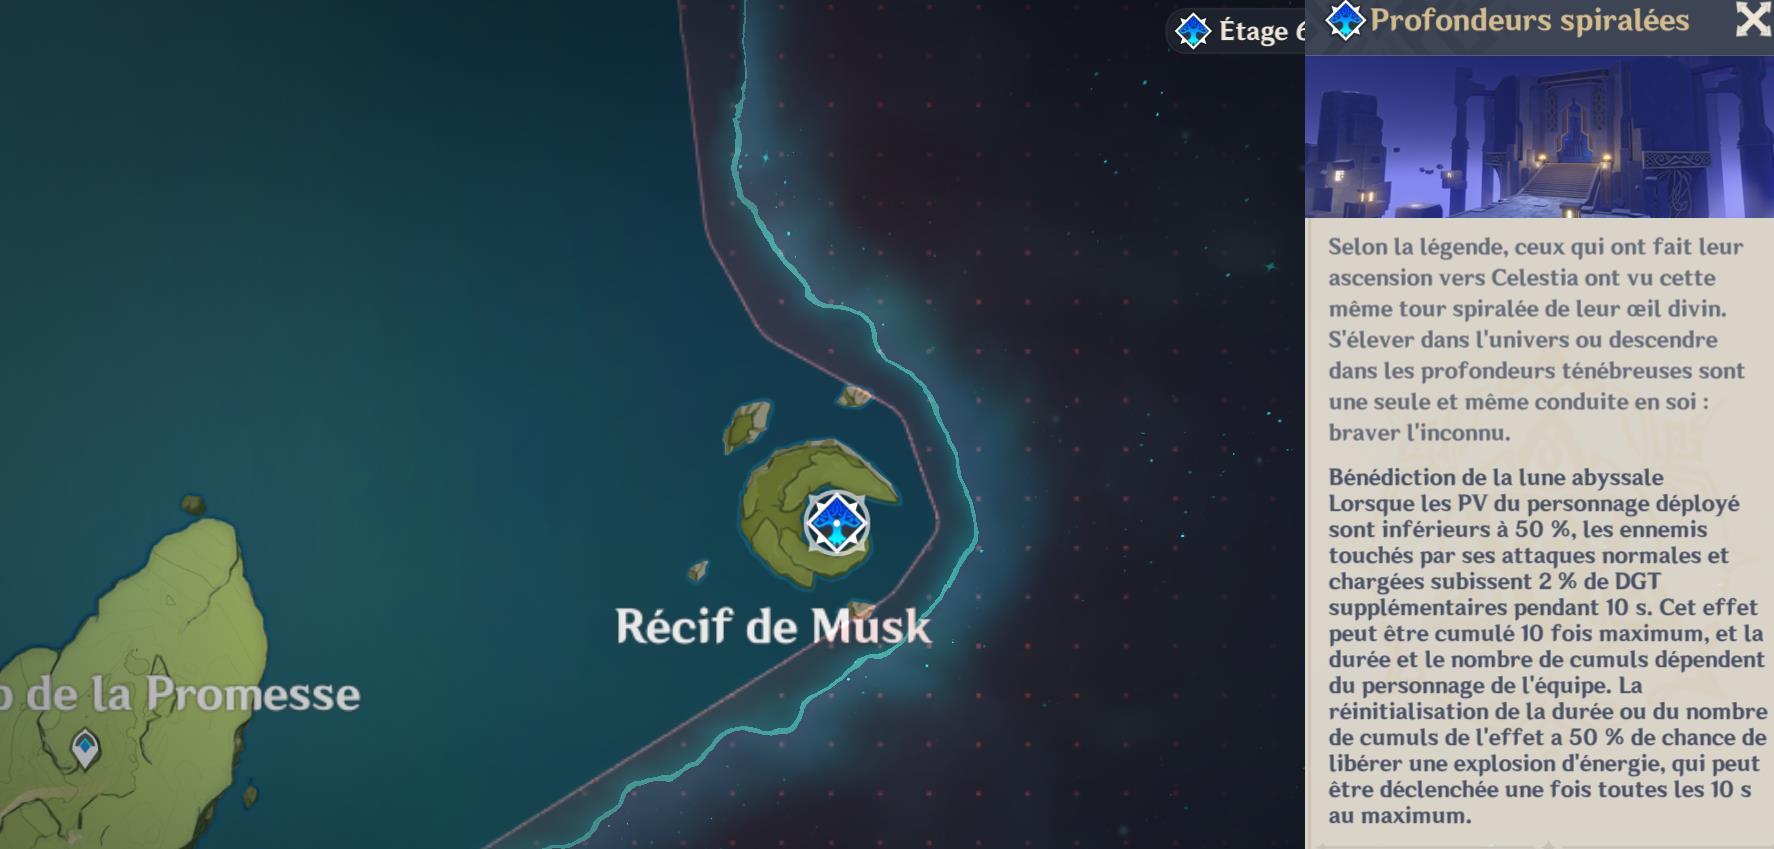 emplacement-profondeurs-spiralees